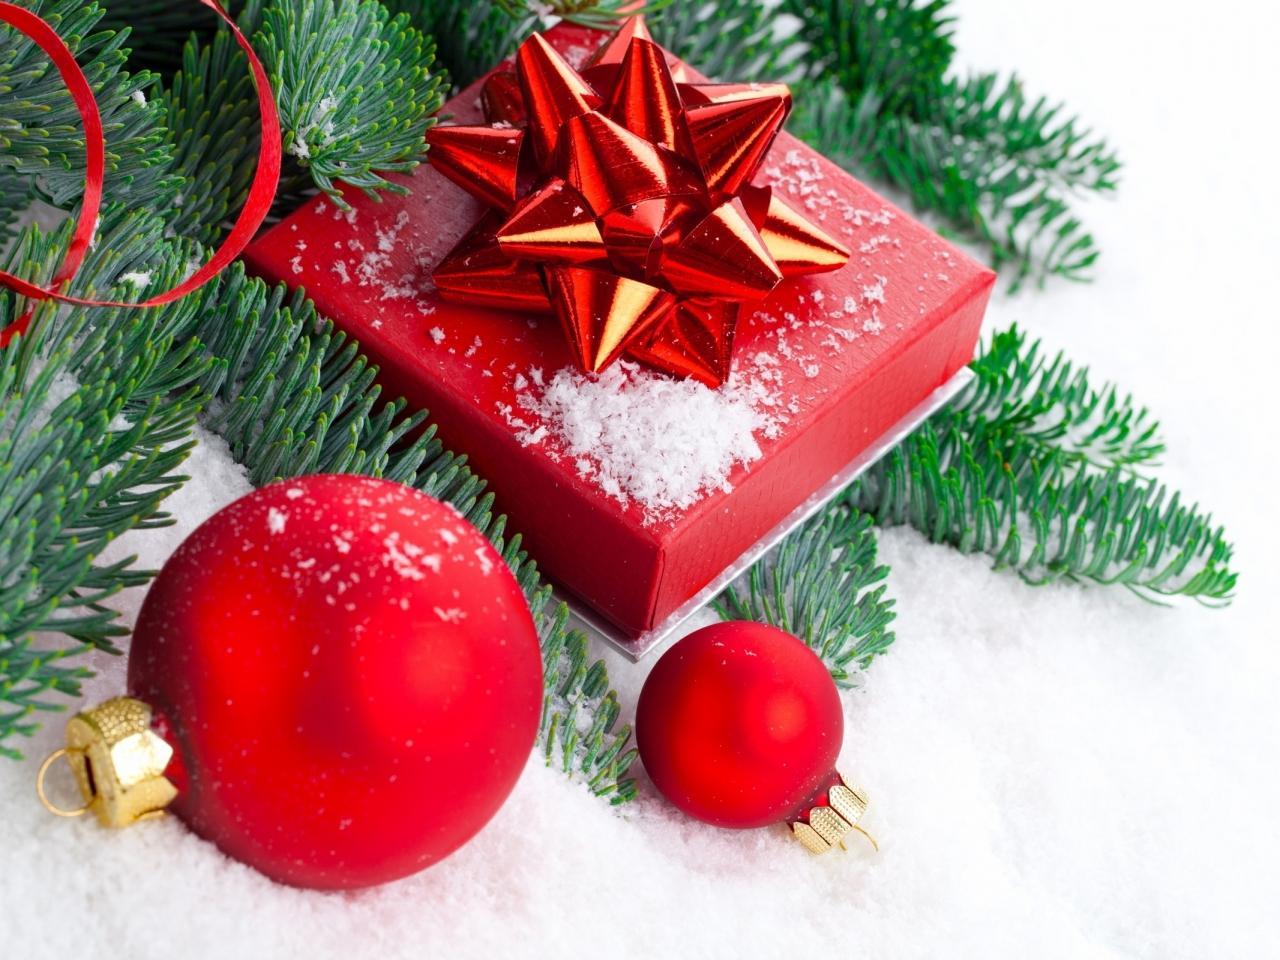 Regalos y navidad - 1280x960